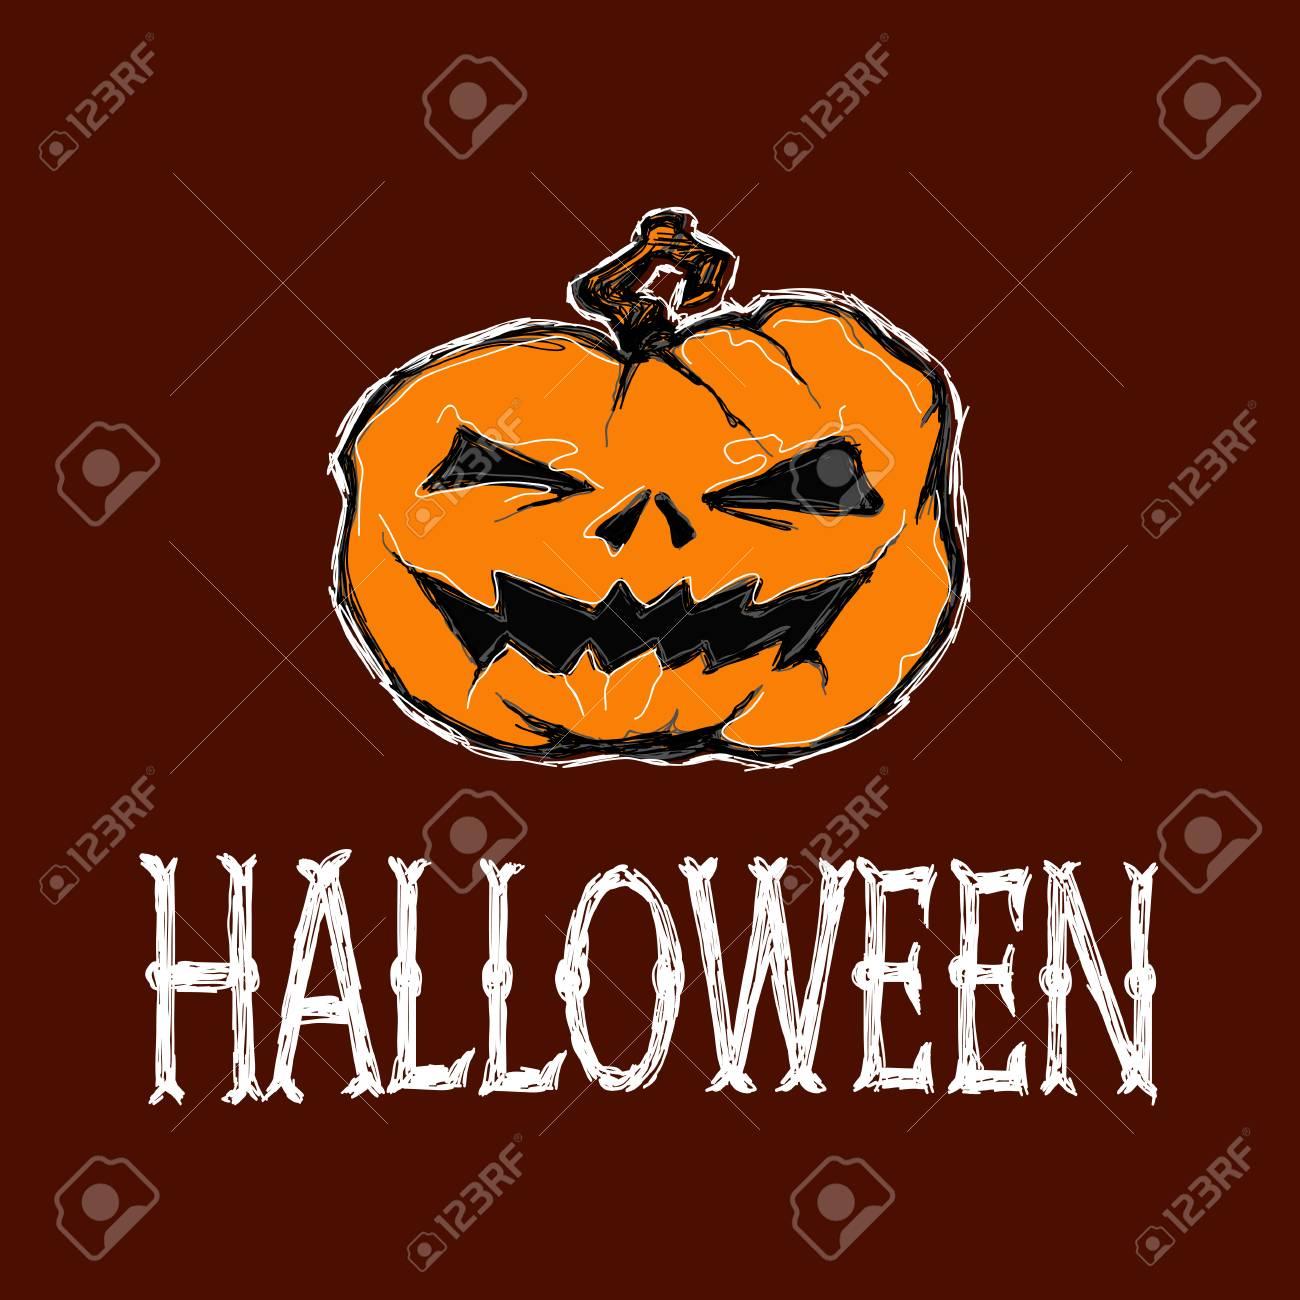 Zucche Di Halloween Terrificanti.Illustrazione Vettoriale Di Halloween Zucca Terrificante E Le Lettere Disegno E Lettering E Fatto A Mano Sono Realizzati Con Gesso Bianco Su Sfondo